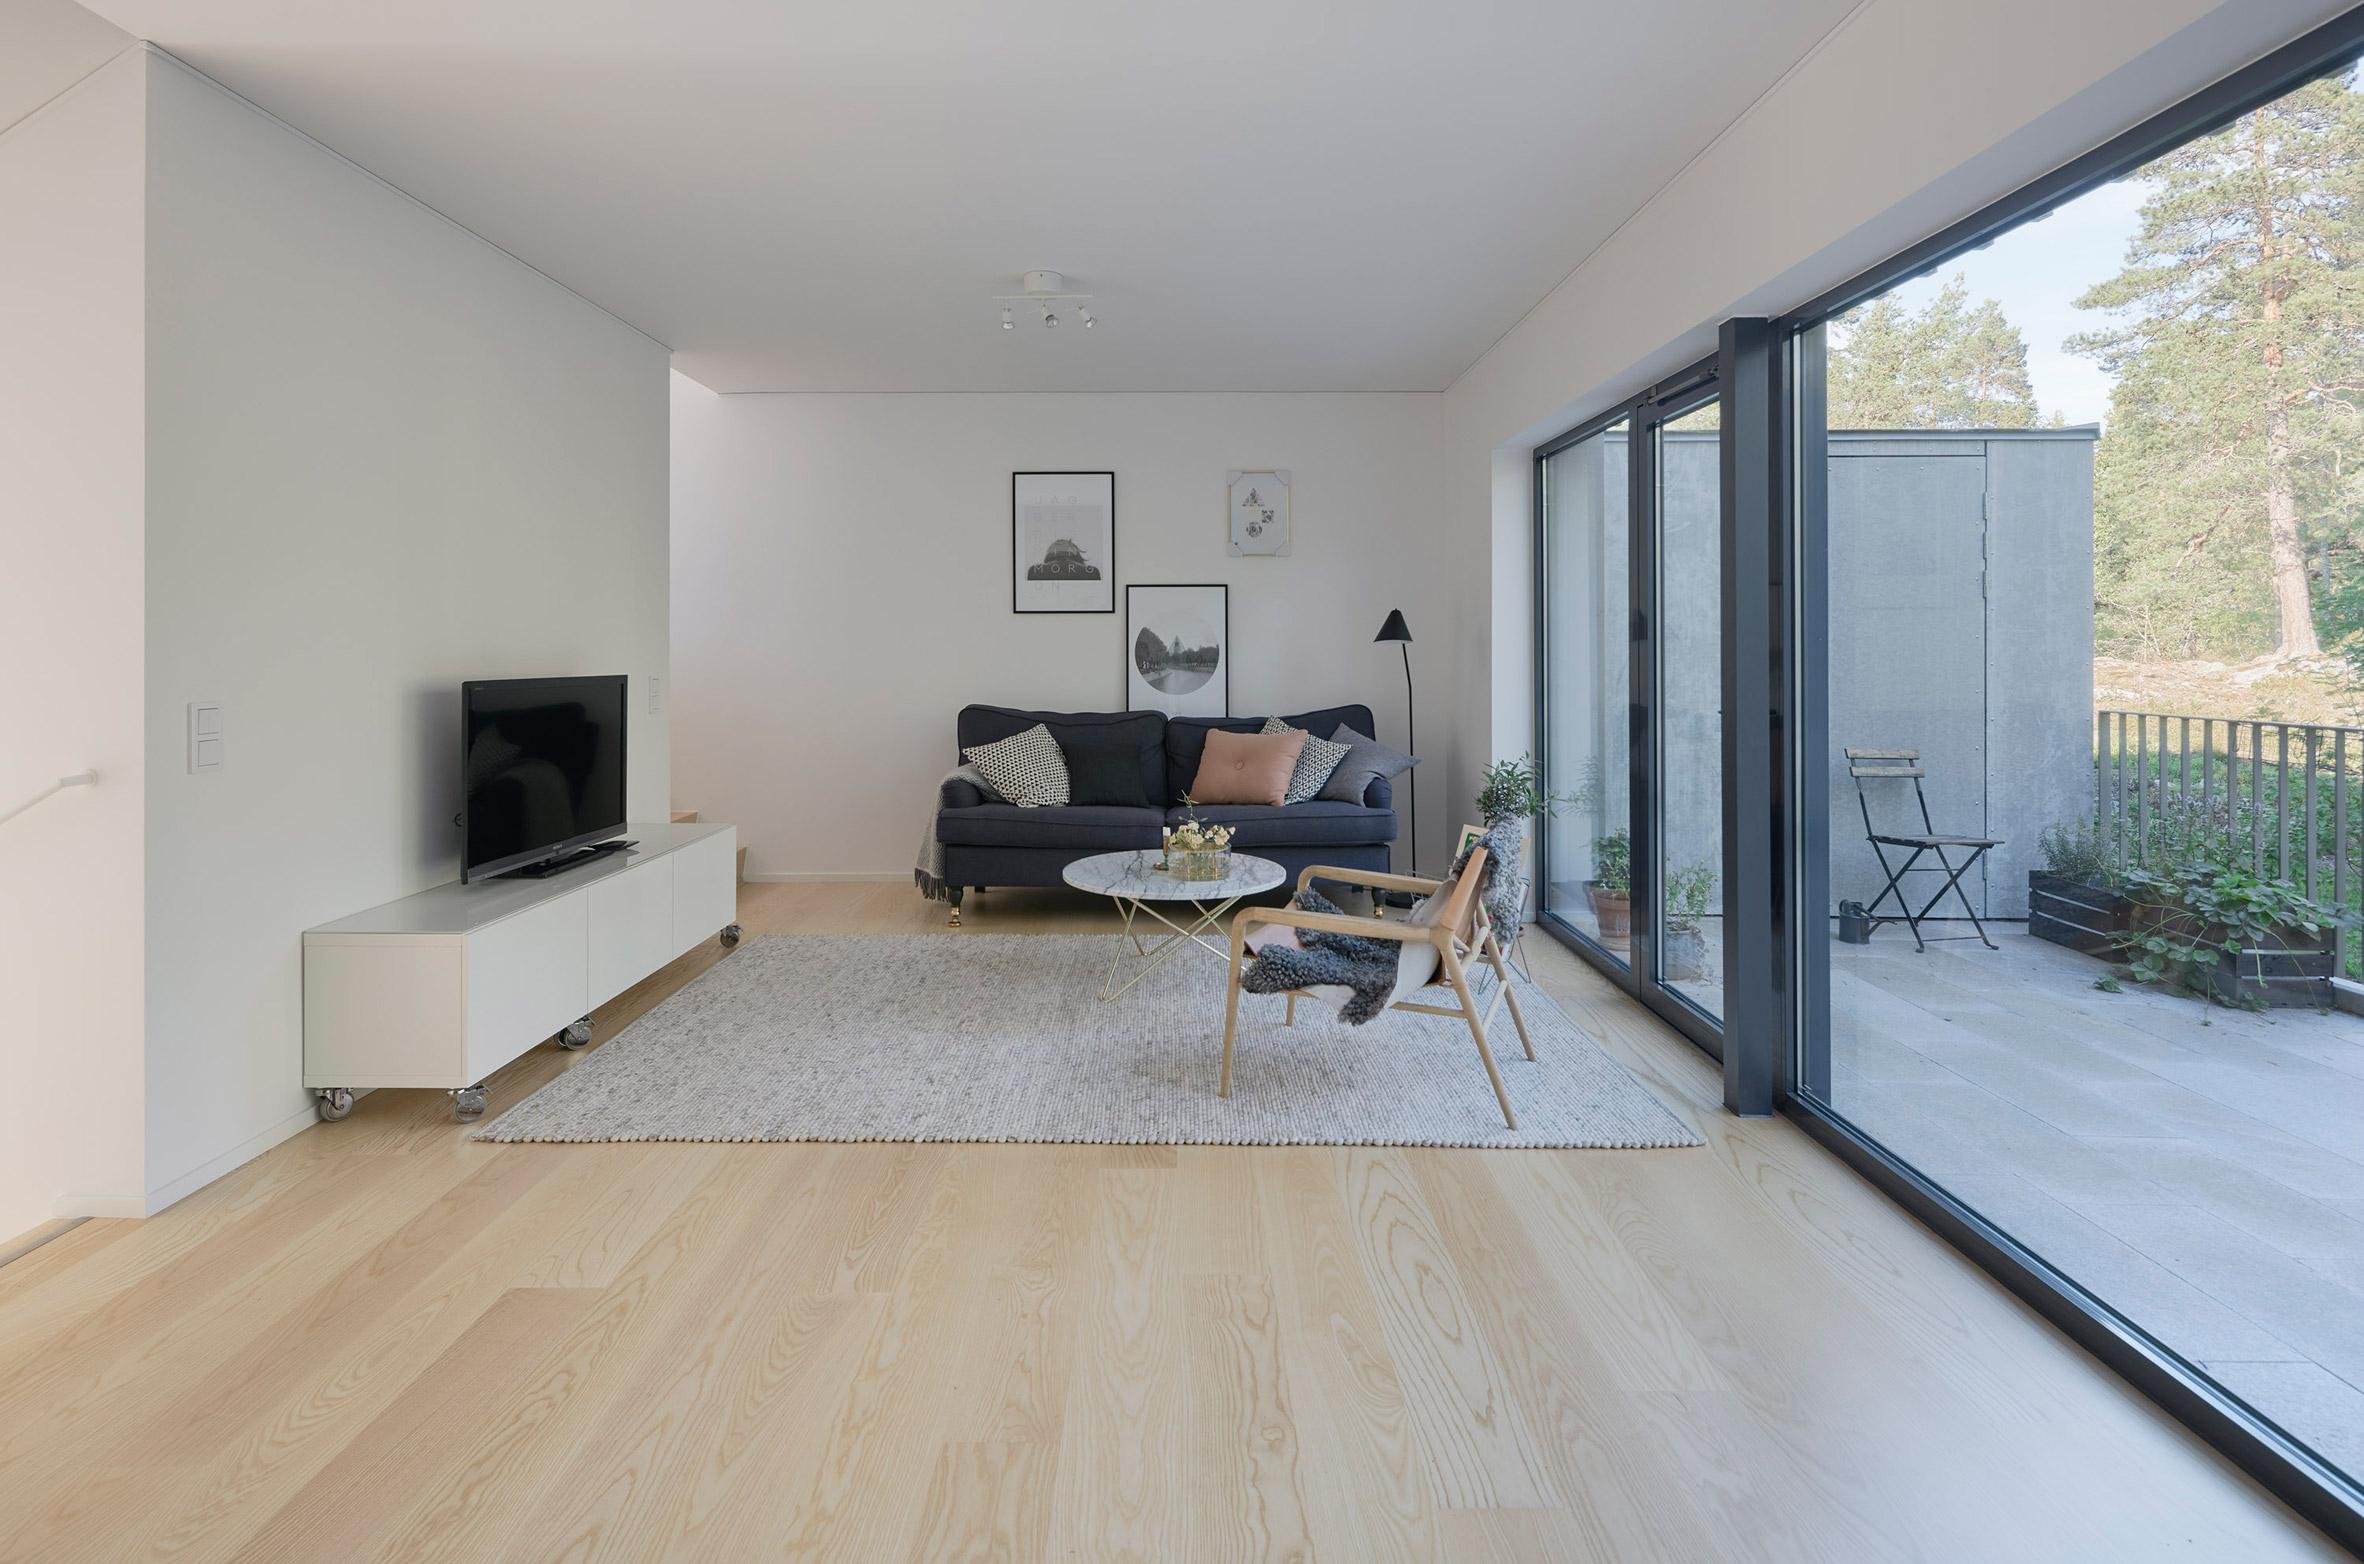 1-sala-de-estar-integrada-a-varanda-com-paisagem-para-floresta